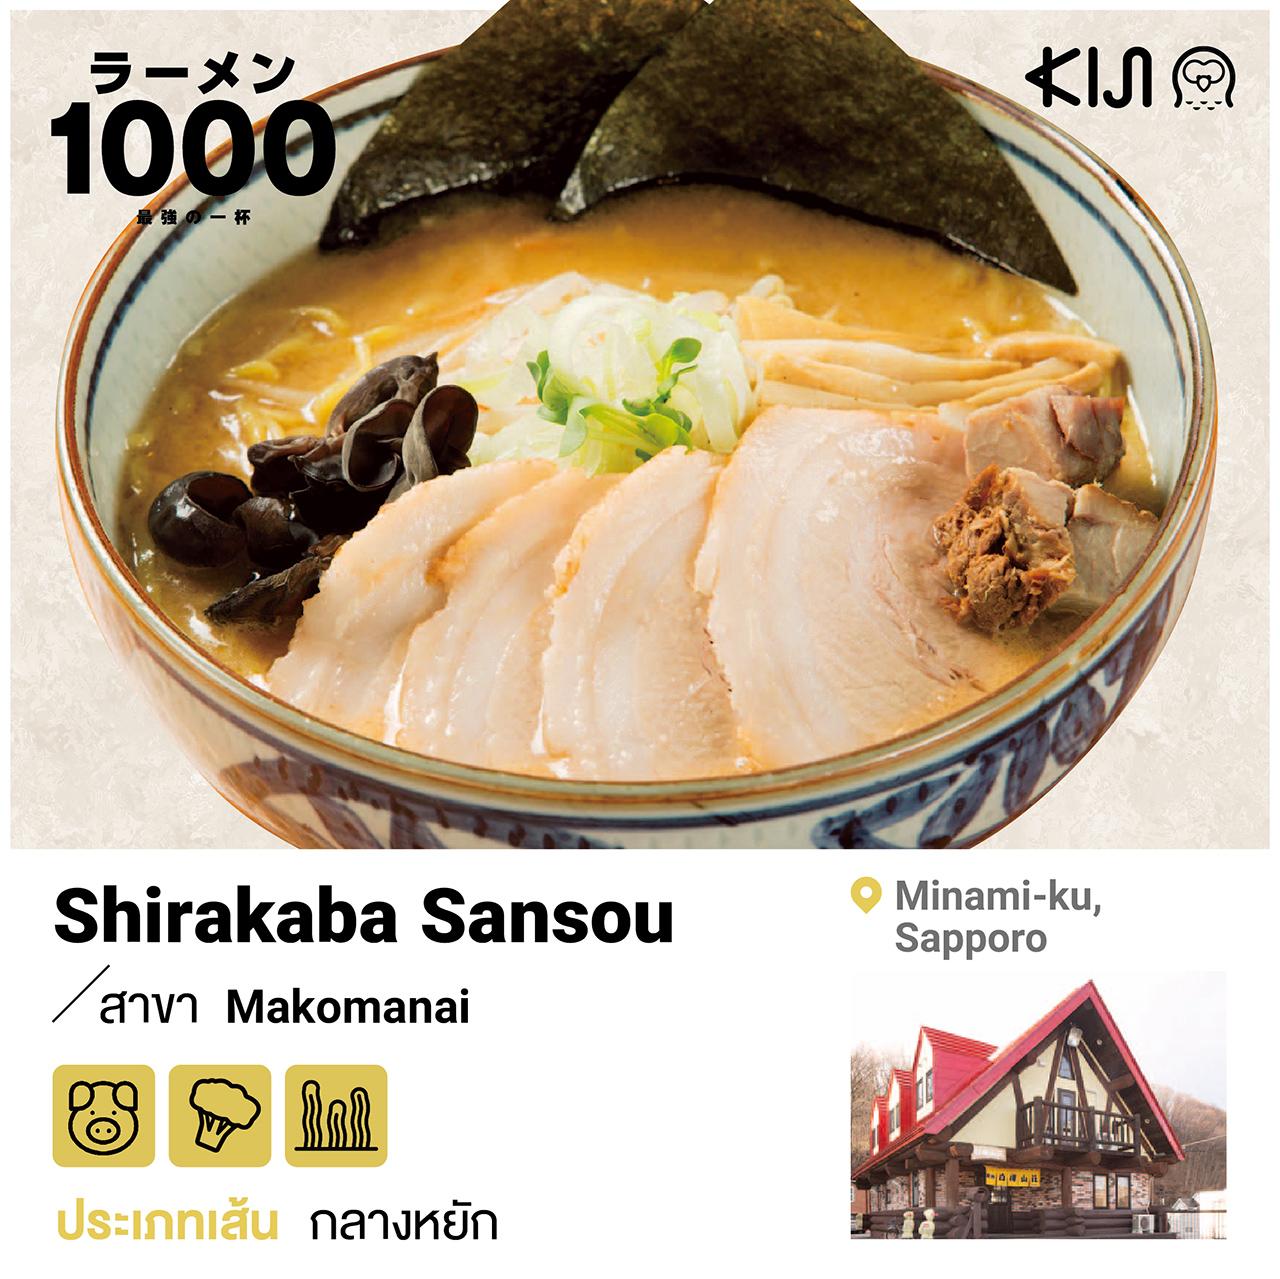 ร้านราเมนในฮอกไกโด - Shirakaba Sansou สาขา Makomanai